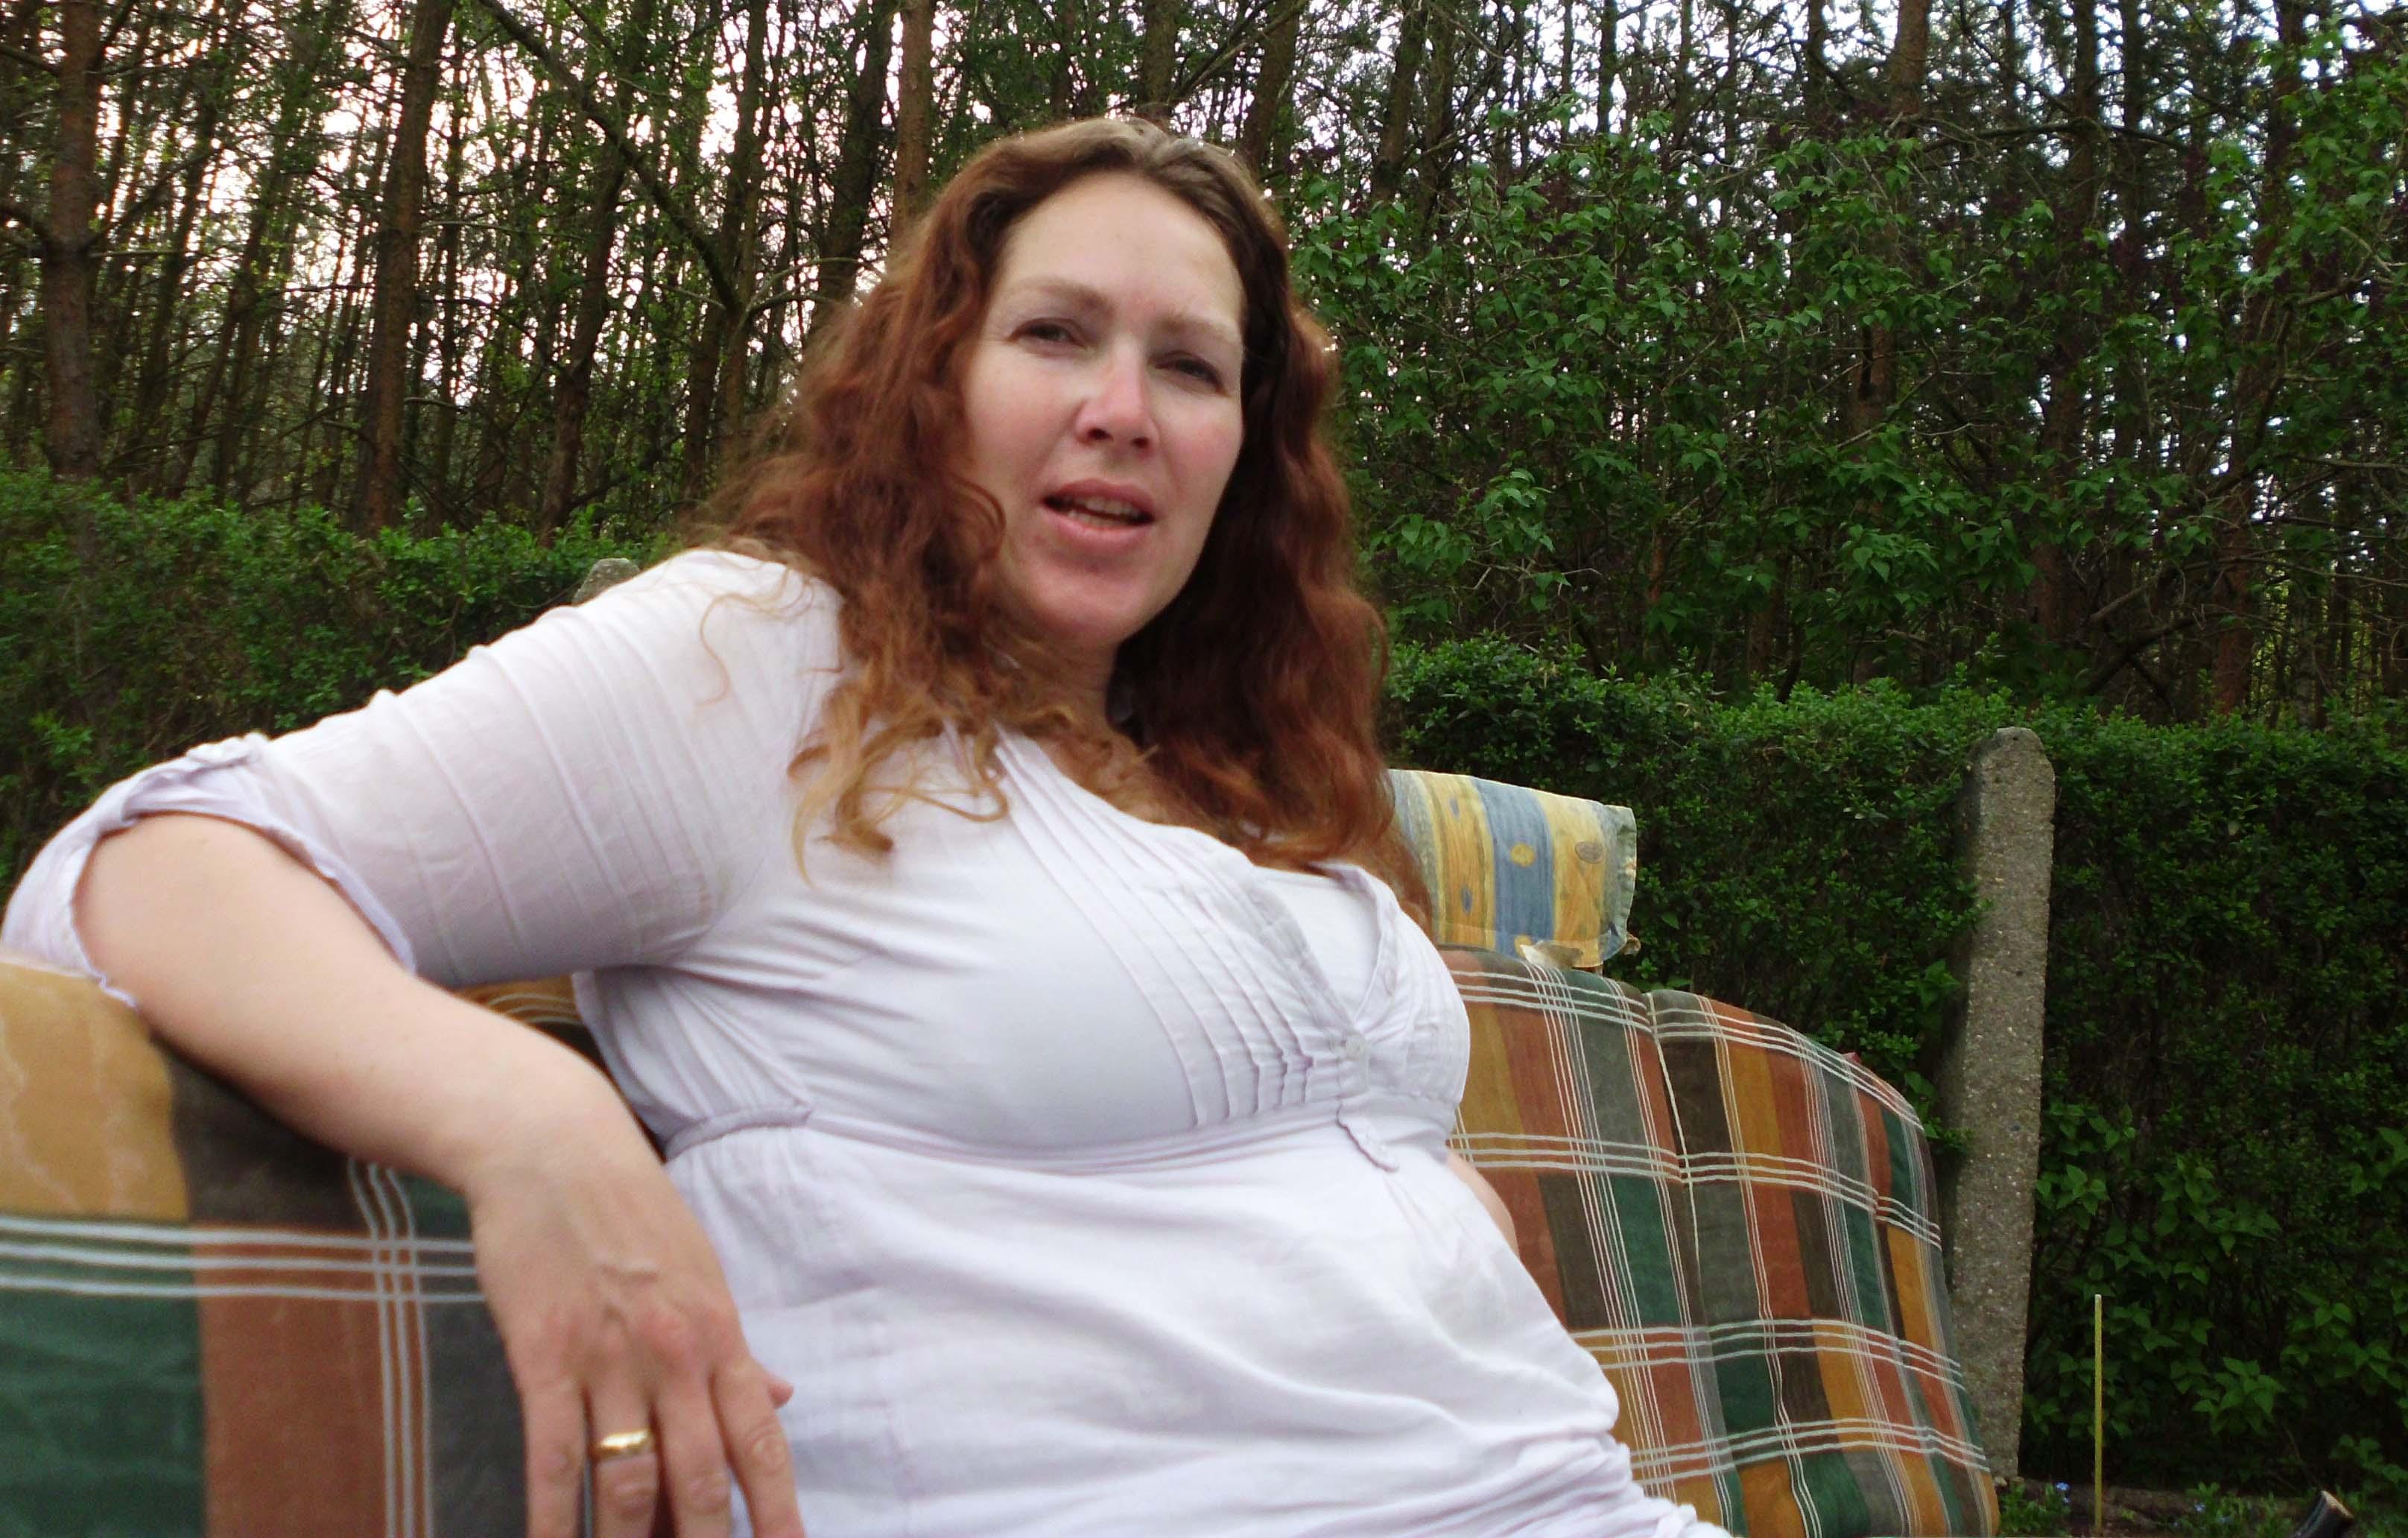 Anja hat vor BodyChange 25 kg zu viel gewogen